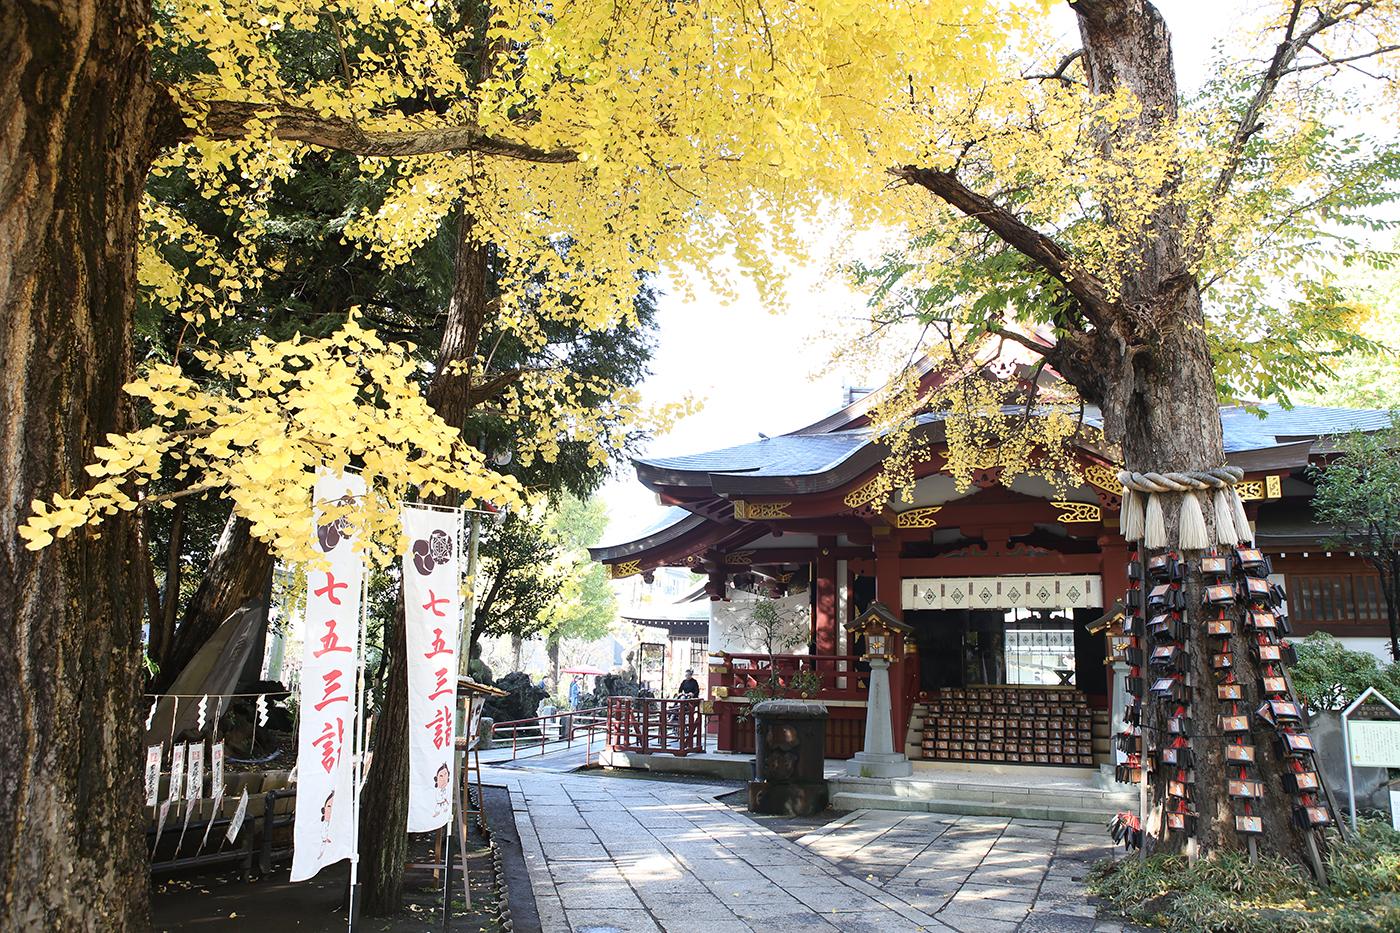 東京都@出張撮影にオススメの神社一覧